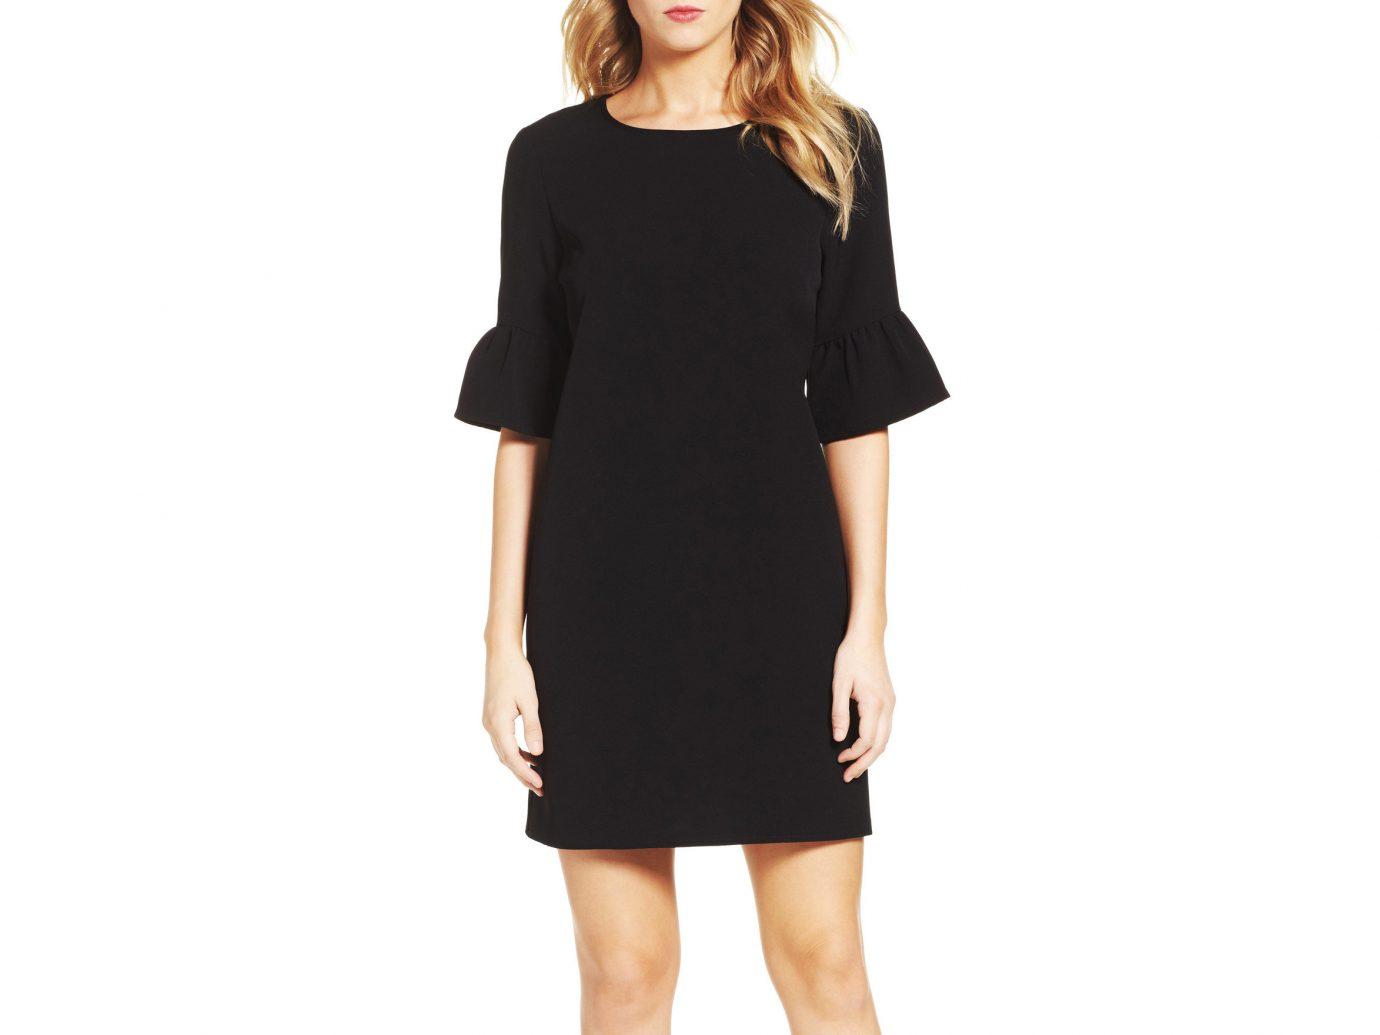 Travel Shop Travel Tips clothing day dress dress little black dress shoulder sleeve fashion model neck waist cocktail dress